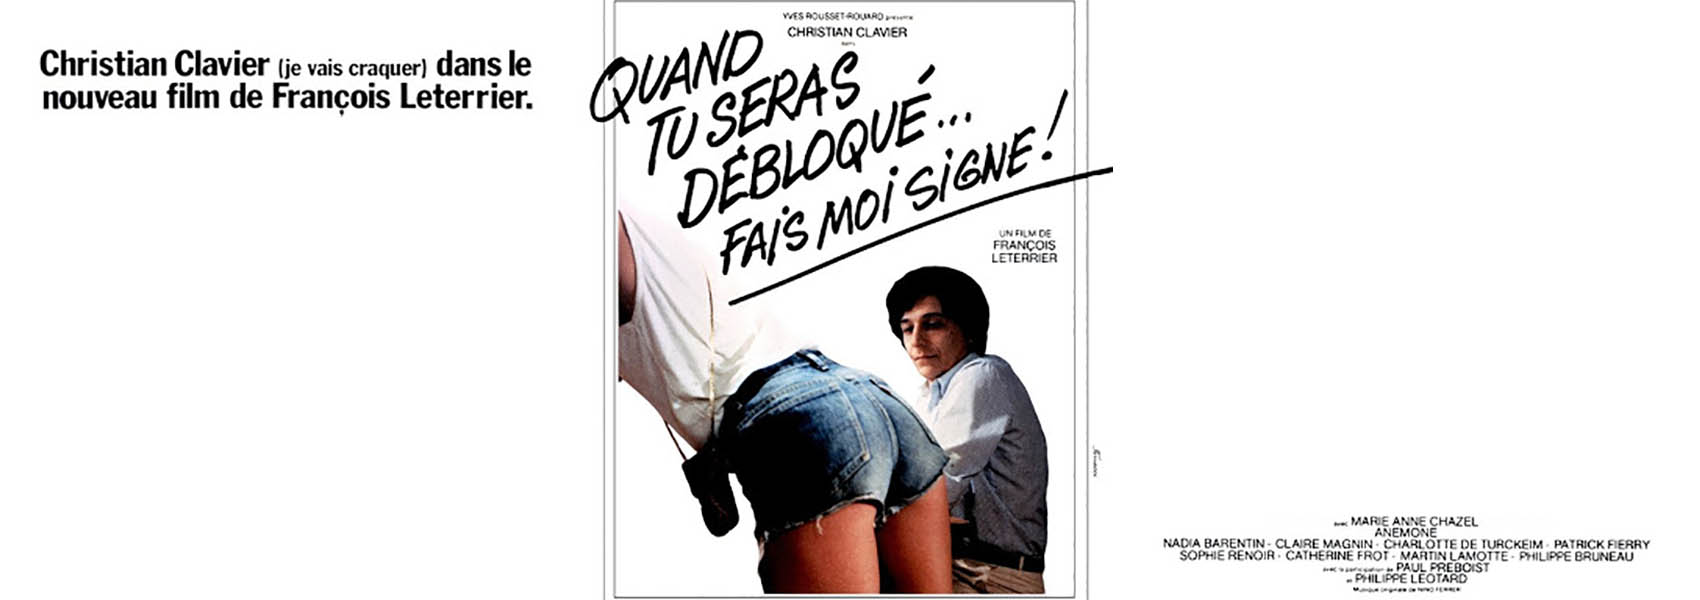 Quand tu seras débloqués... fais moi signe (les babas-cool) : un film de François Leterrier